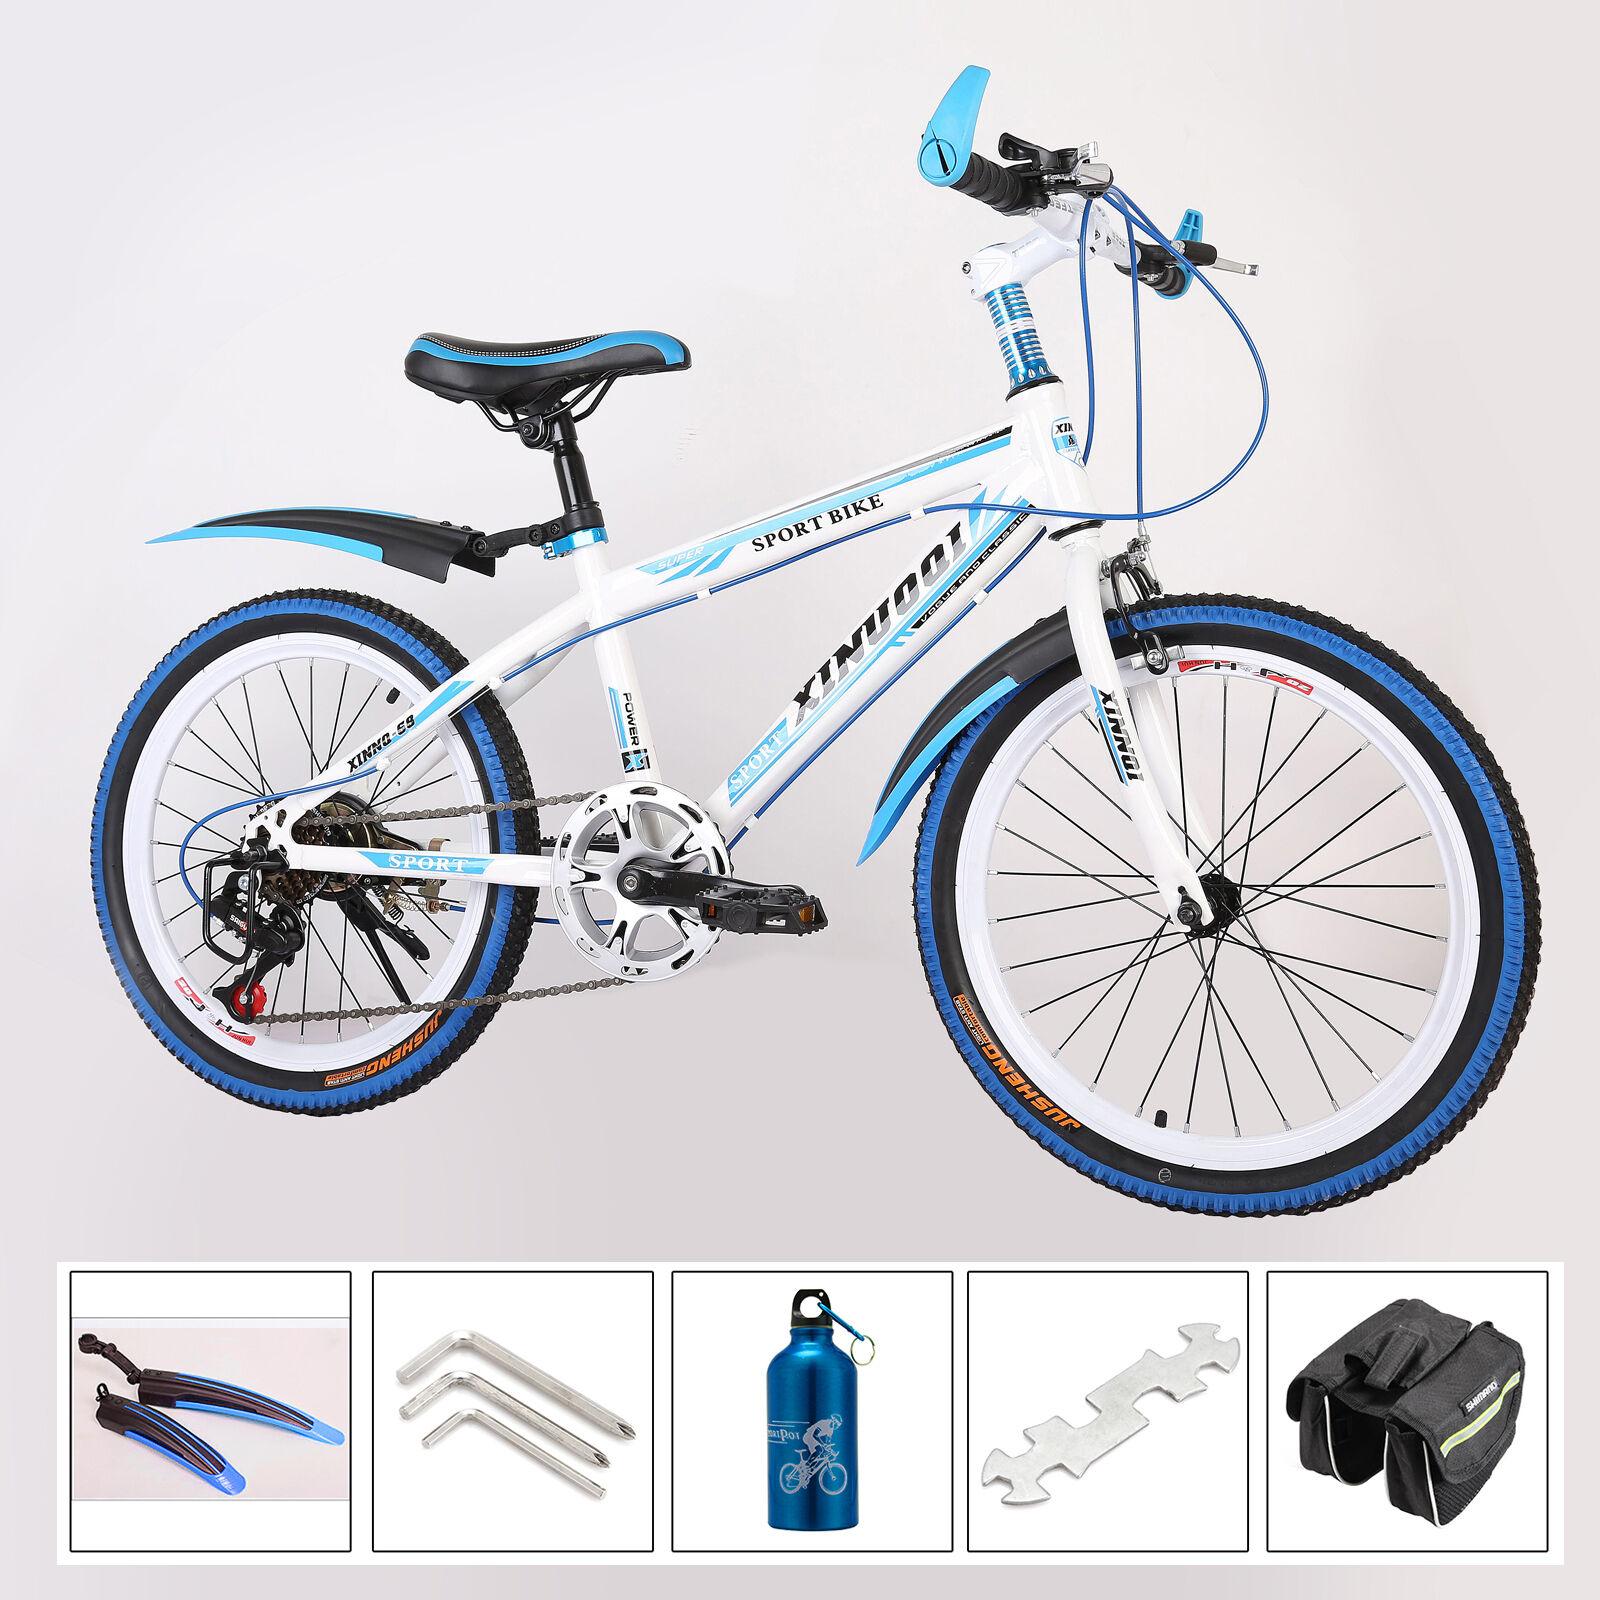 Popular 20  Kids Mountain Bike ,7 Speed MTB Front V-brakes Rear Disc Brakebluee